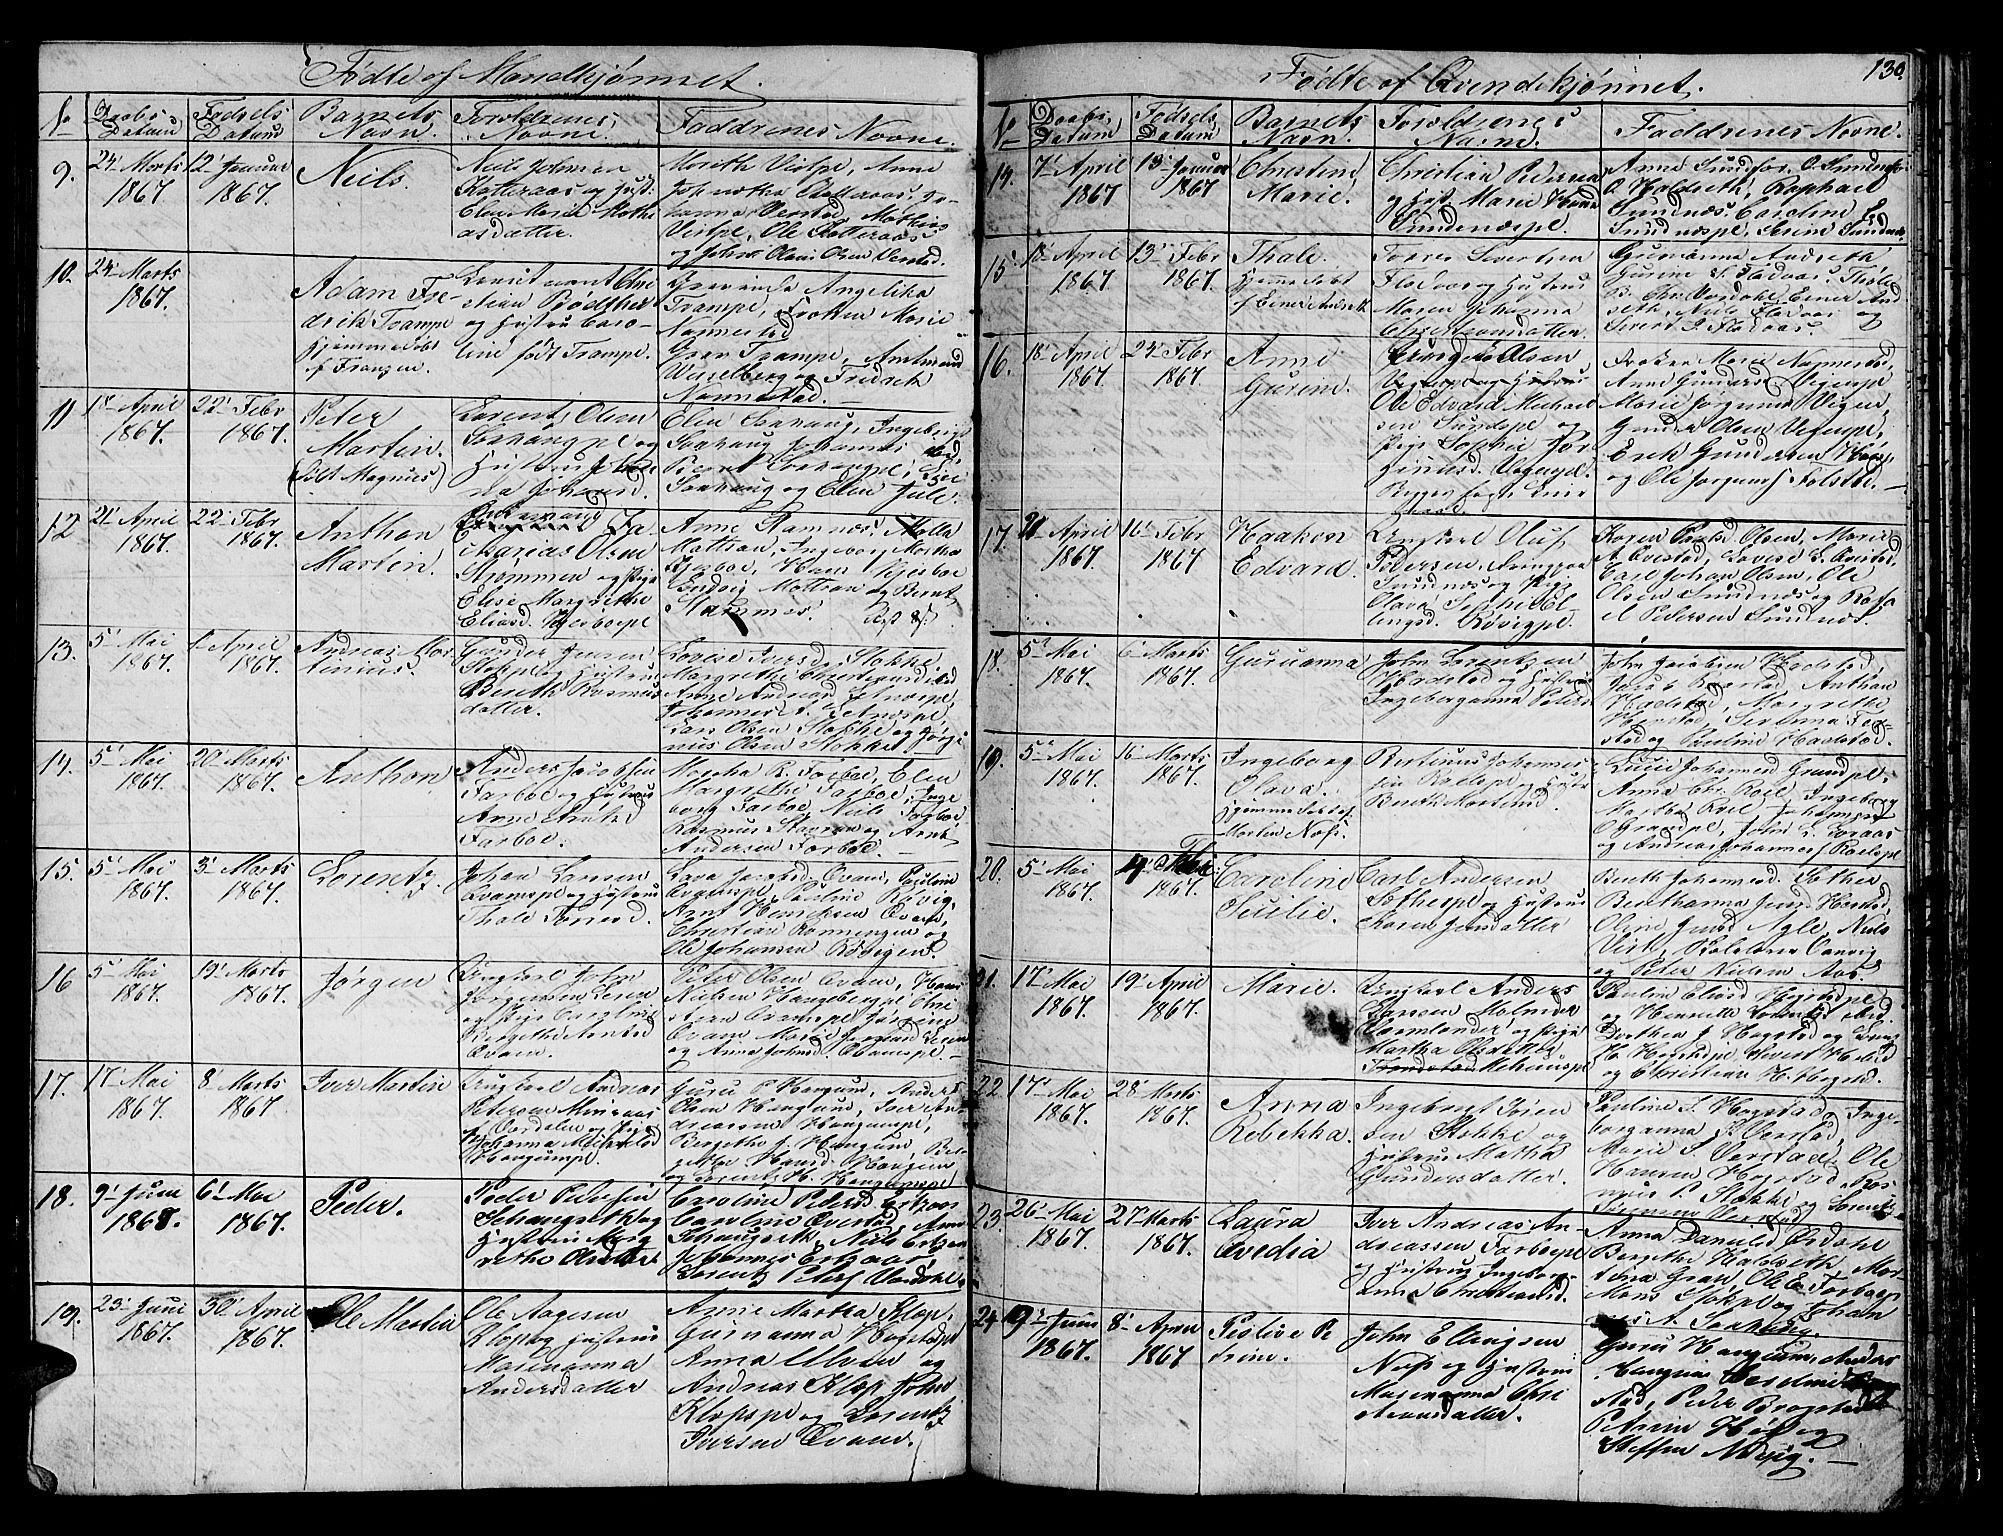 SAT, Ministerialprotokoller, klokkerbøker og fødselsregistre - Nord-Trøndelag, 730/L0299: Klokkerbok nr. 730C02, 1849-1871, s. 130